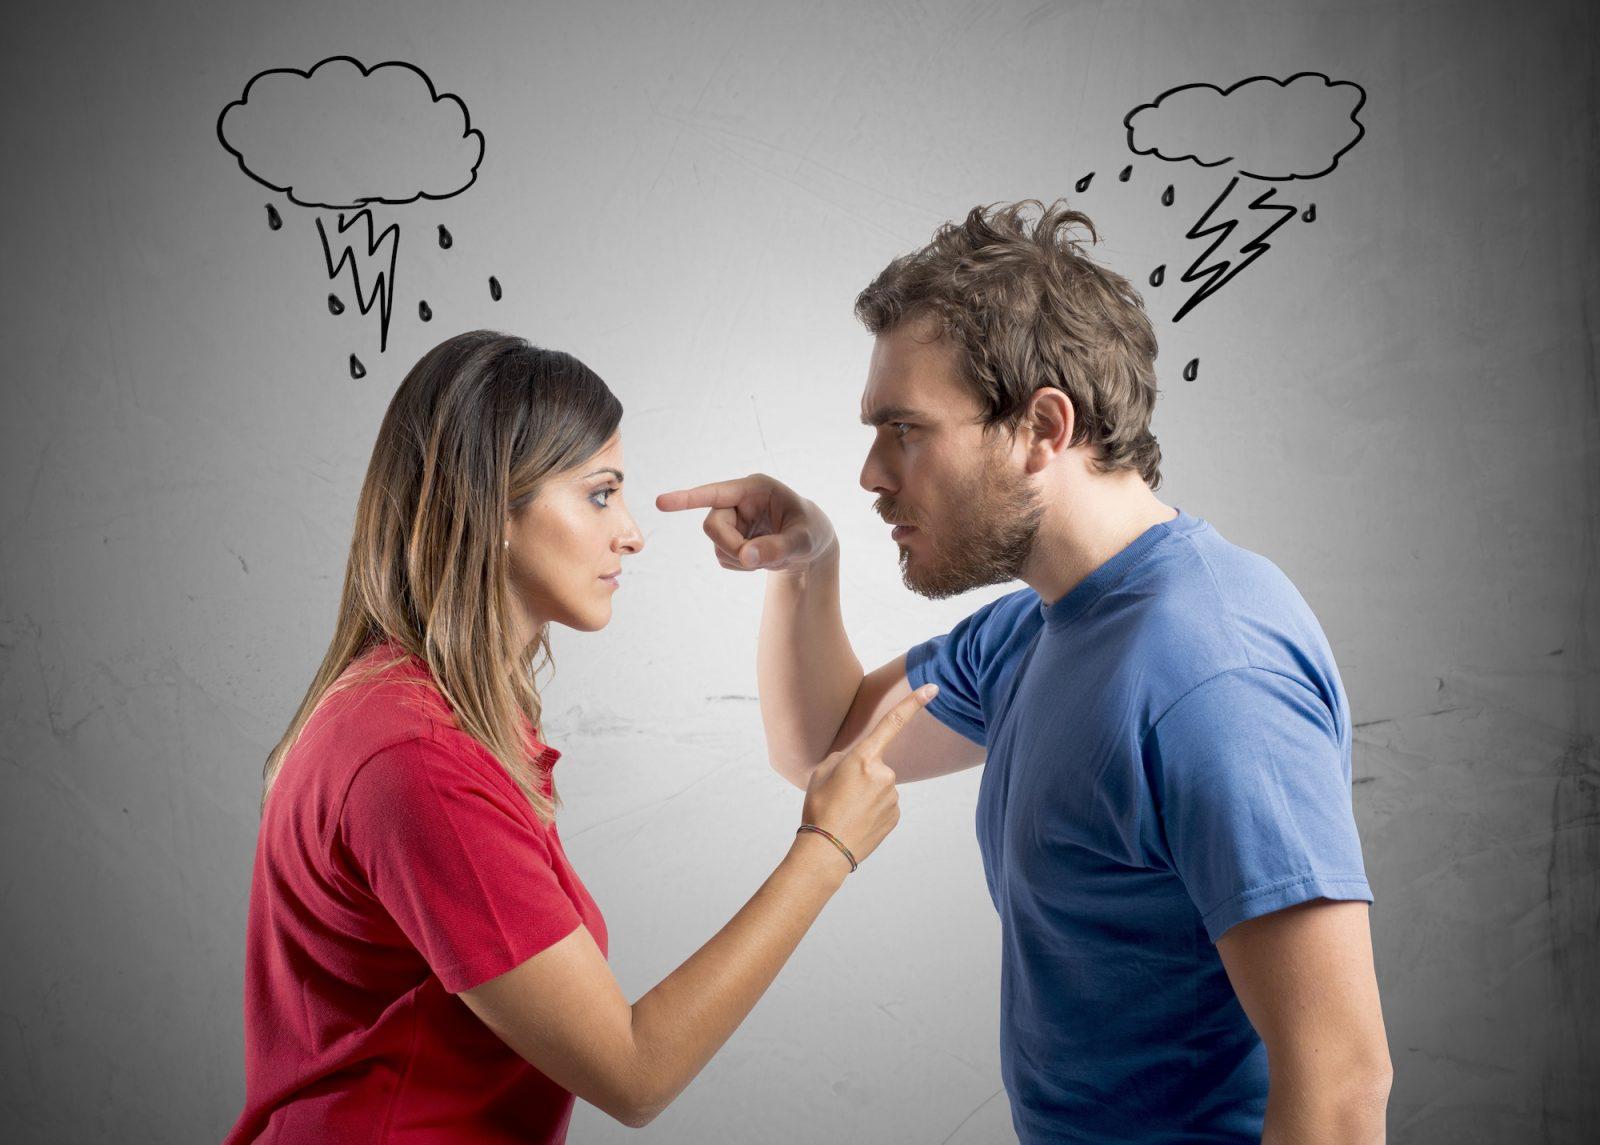 expresar ira con los demás